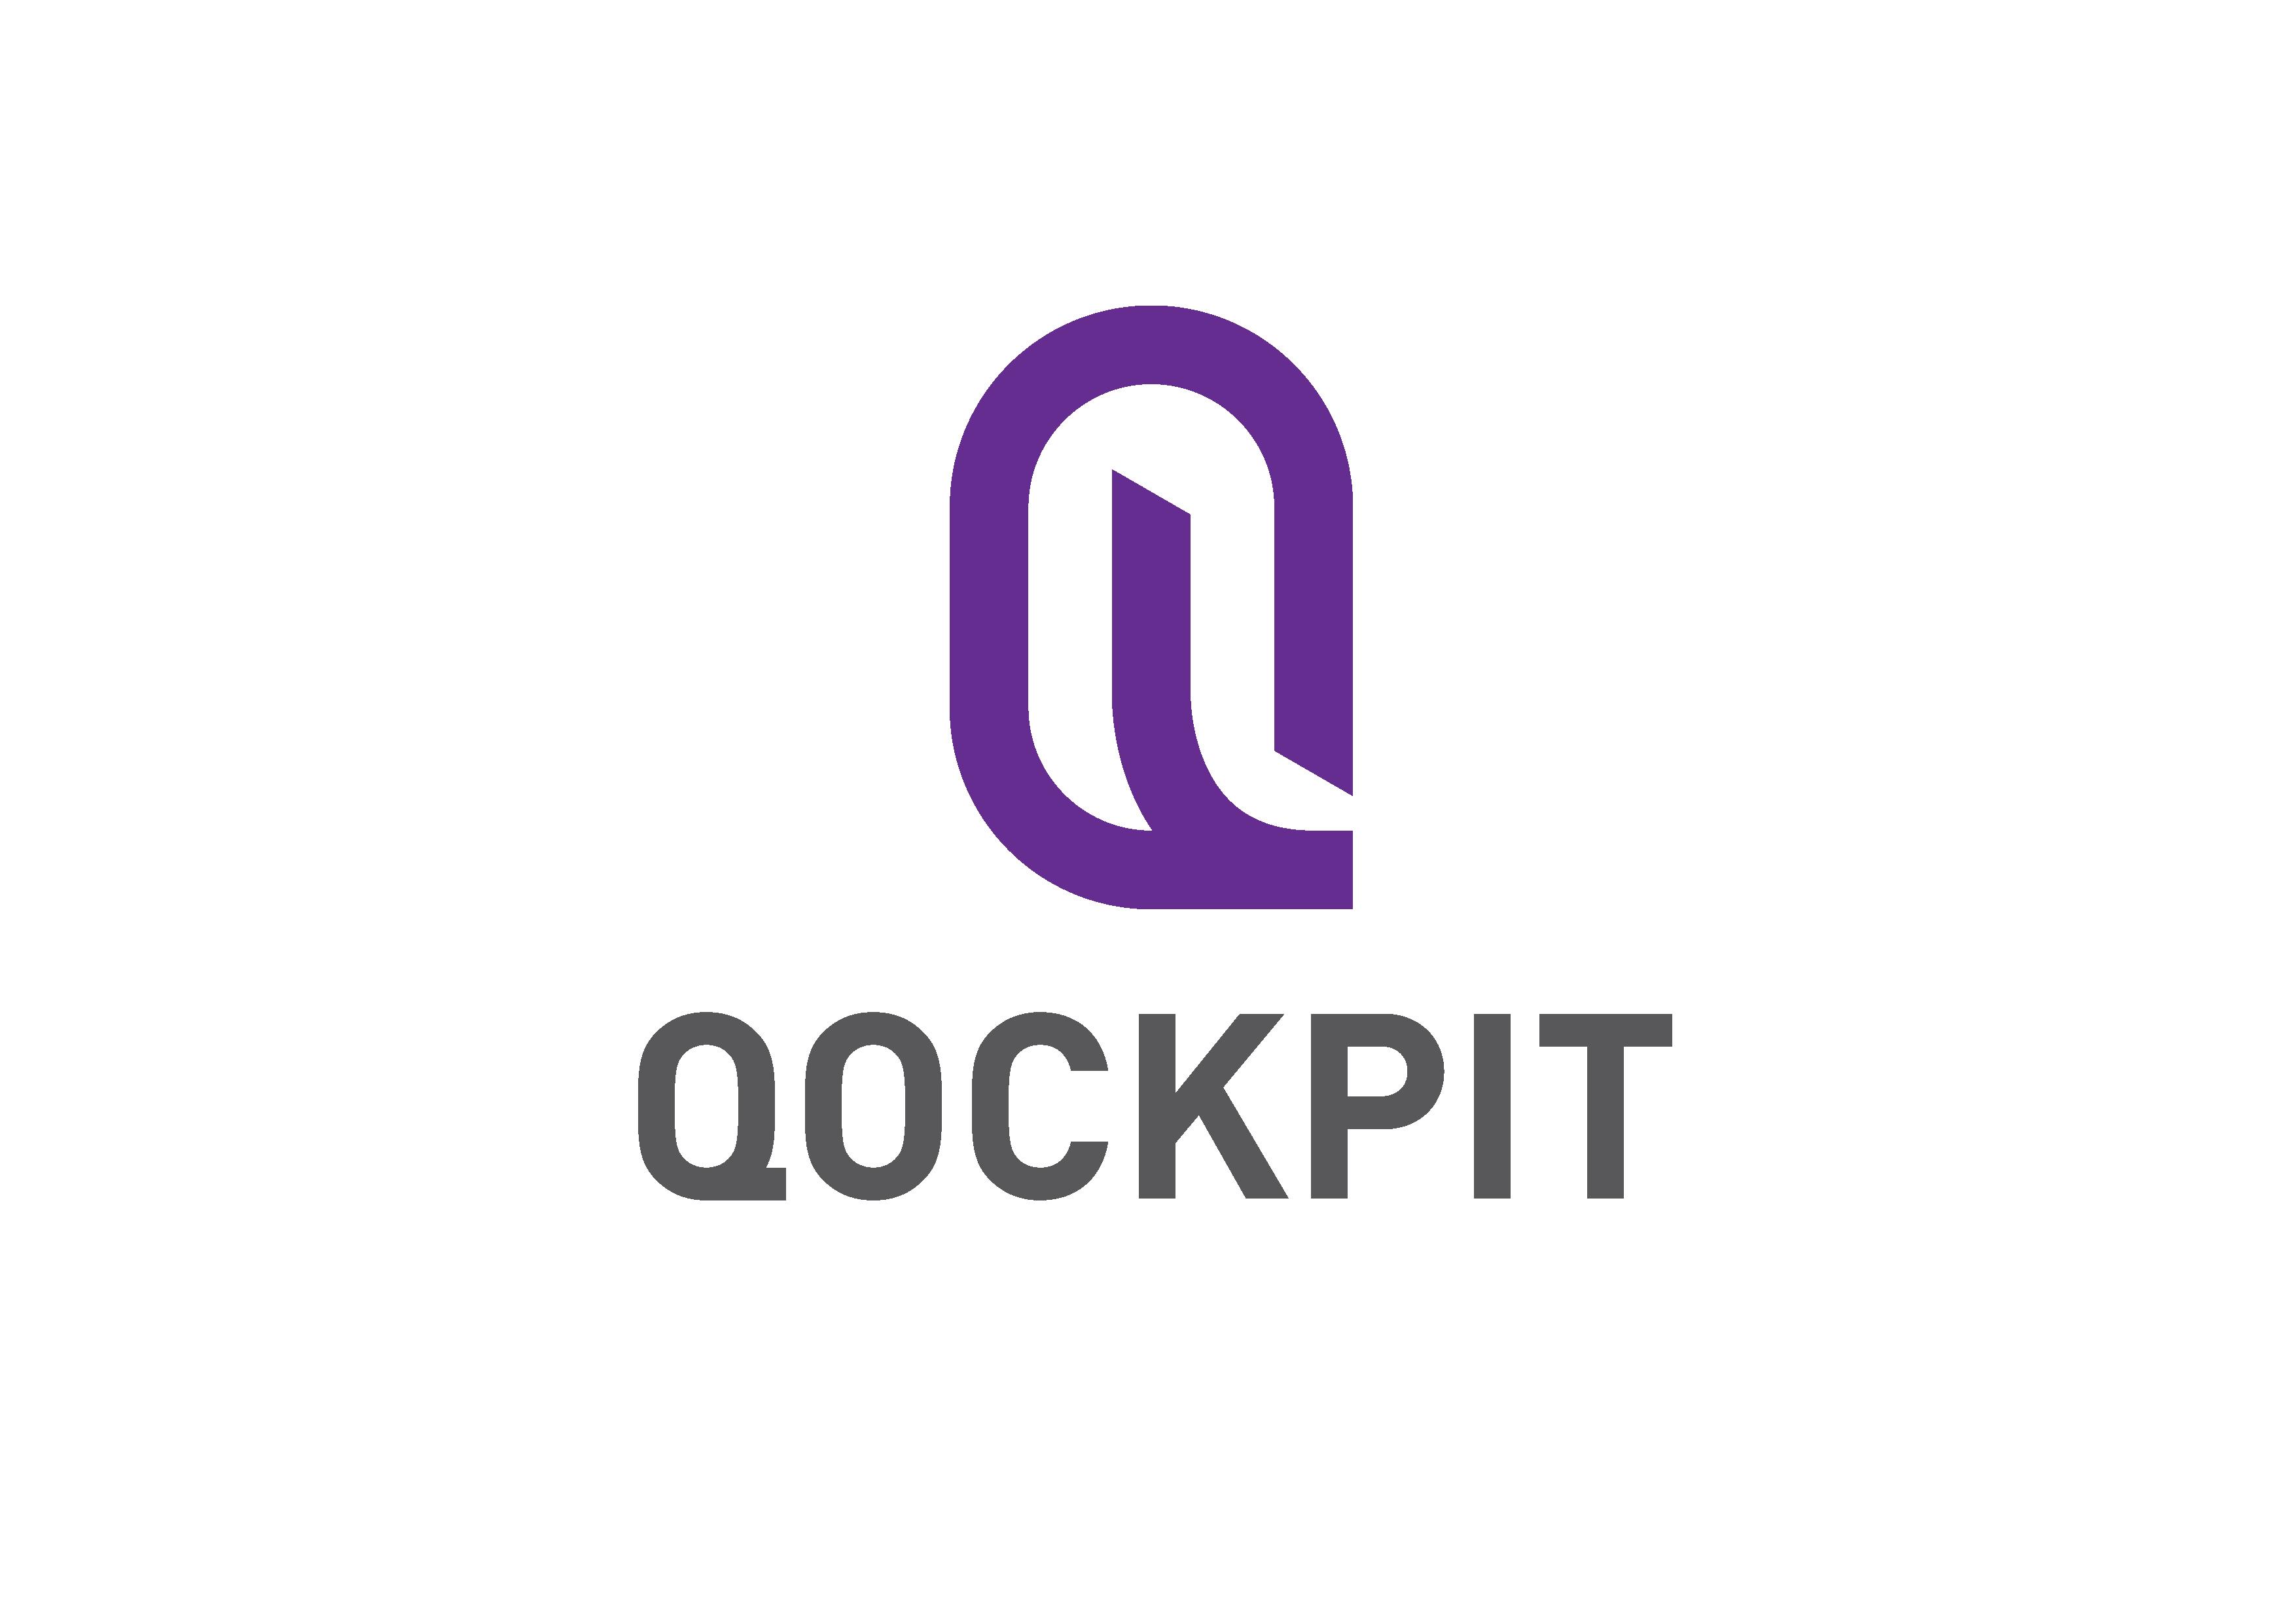 QOCKPIT